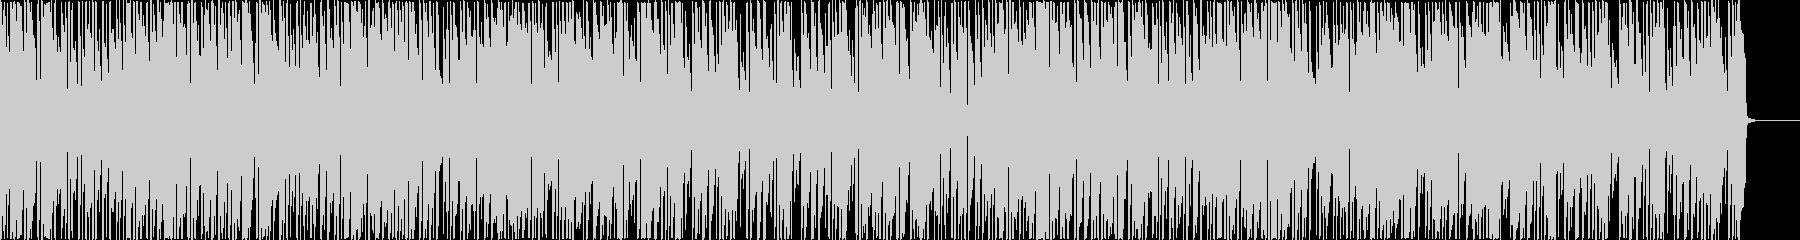 ビブラフォンとオルガンがお洒落なボサノバの未再生の波形